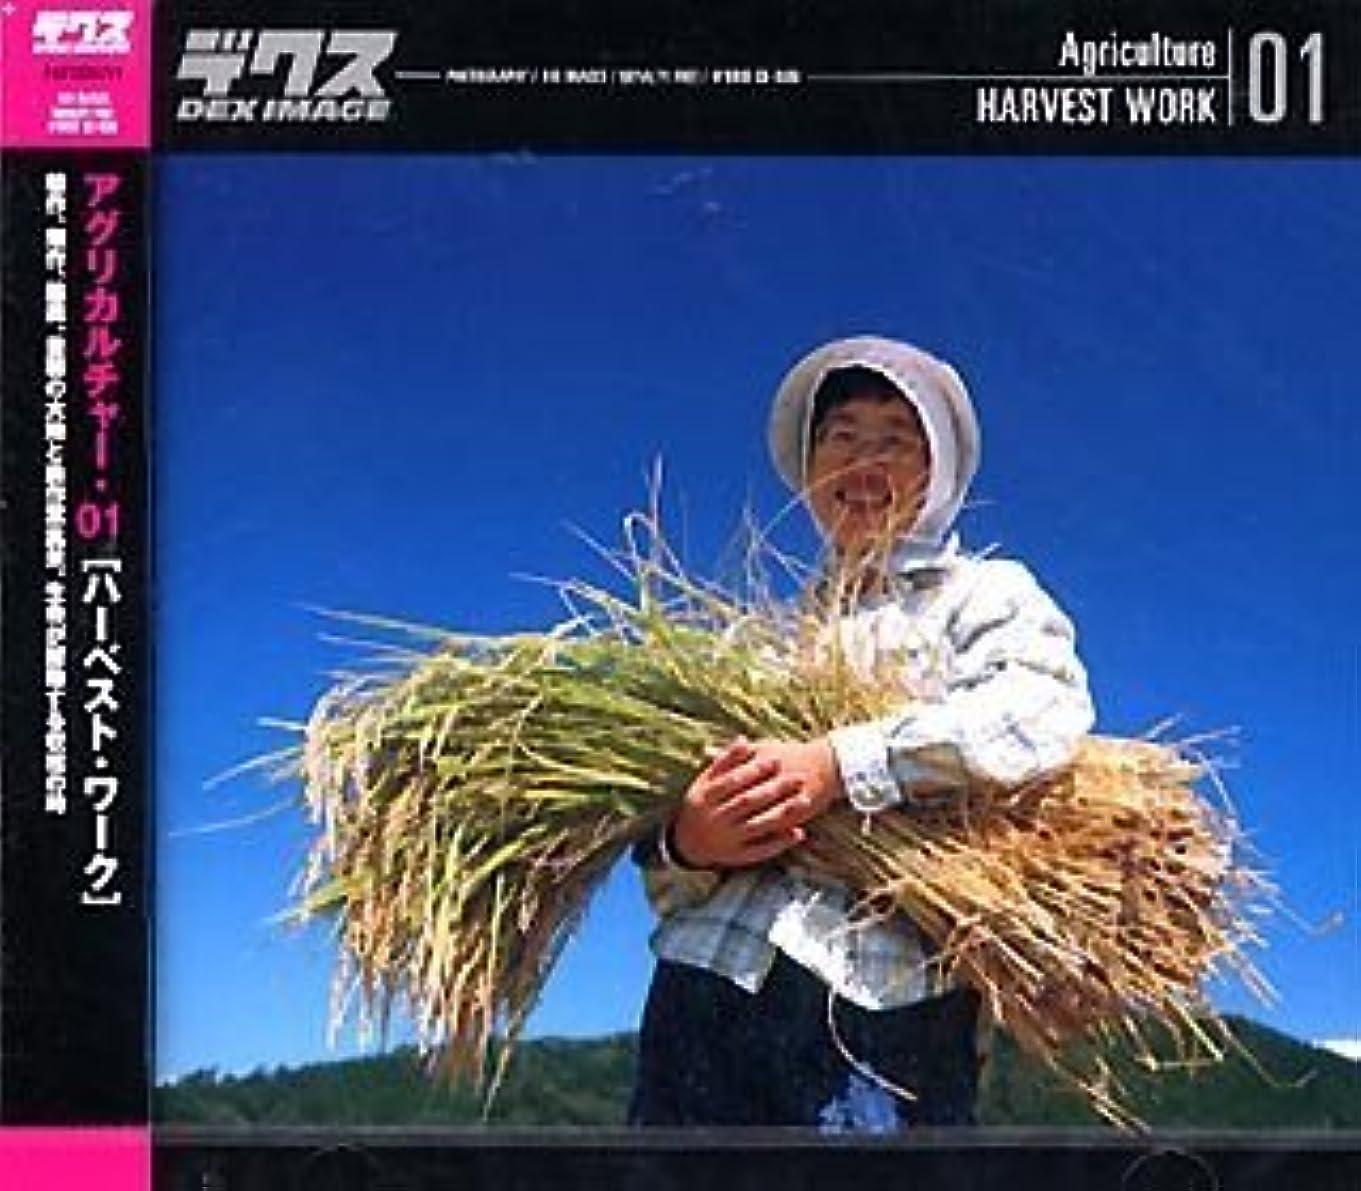 新しい意味あなたが良くなりますリーチAgriculture 01 Harvest Work